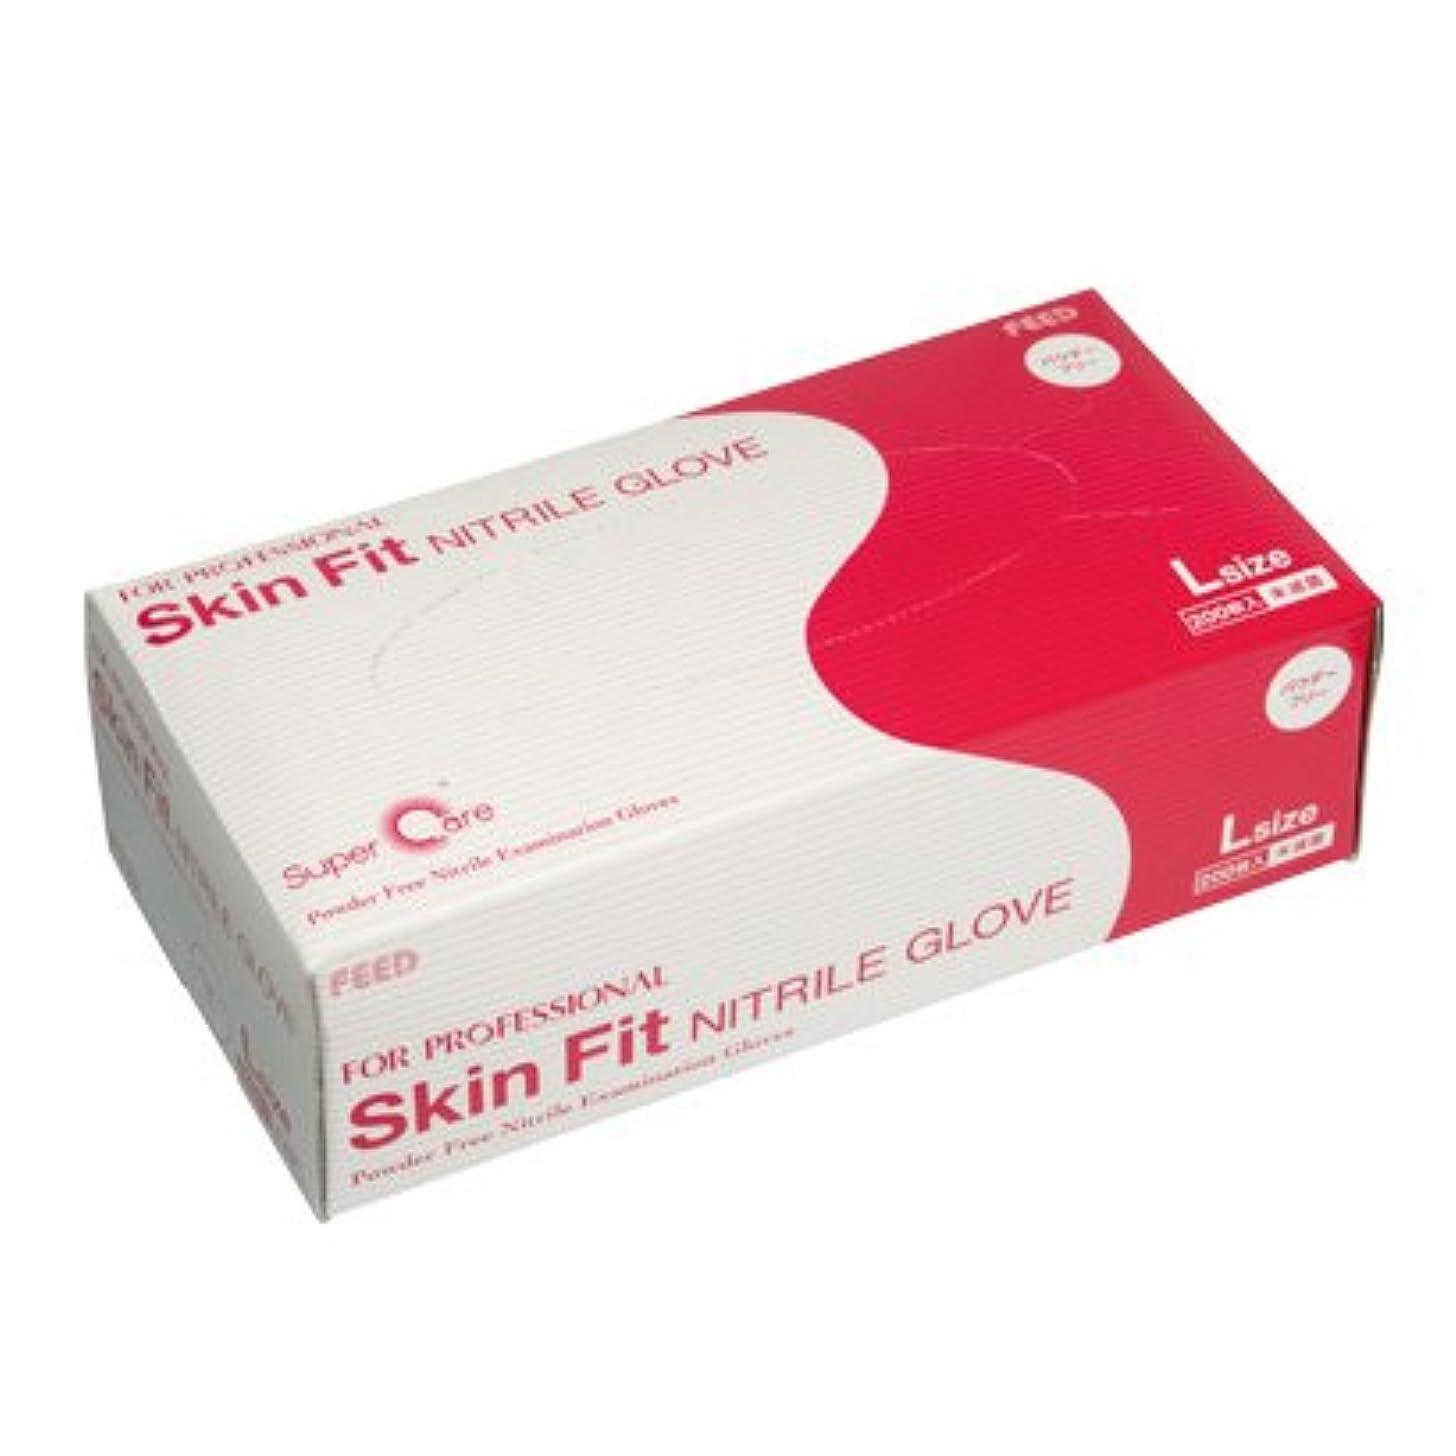 ニッケルビル傀儡FEED(フィード) Skin Fit ニトリルグローブ パウダーフリー L カートン(200枚入×10ケース) (医療機器)